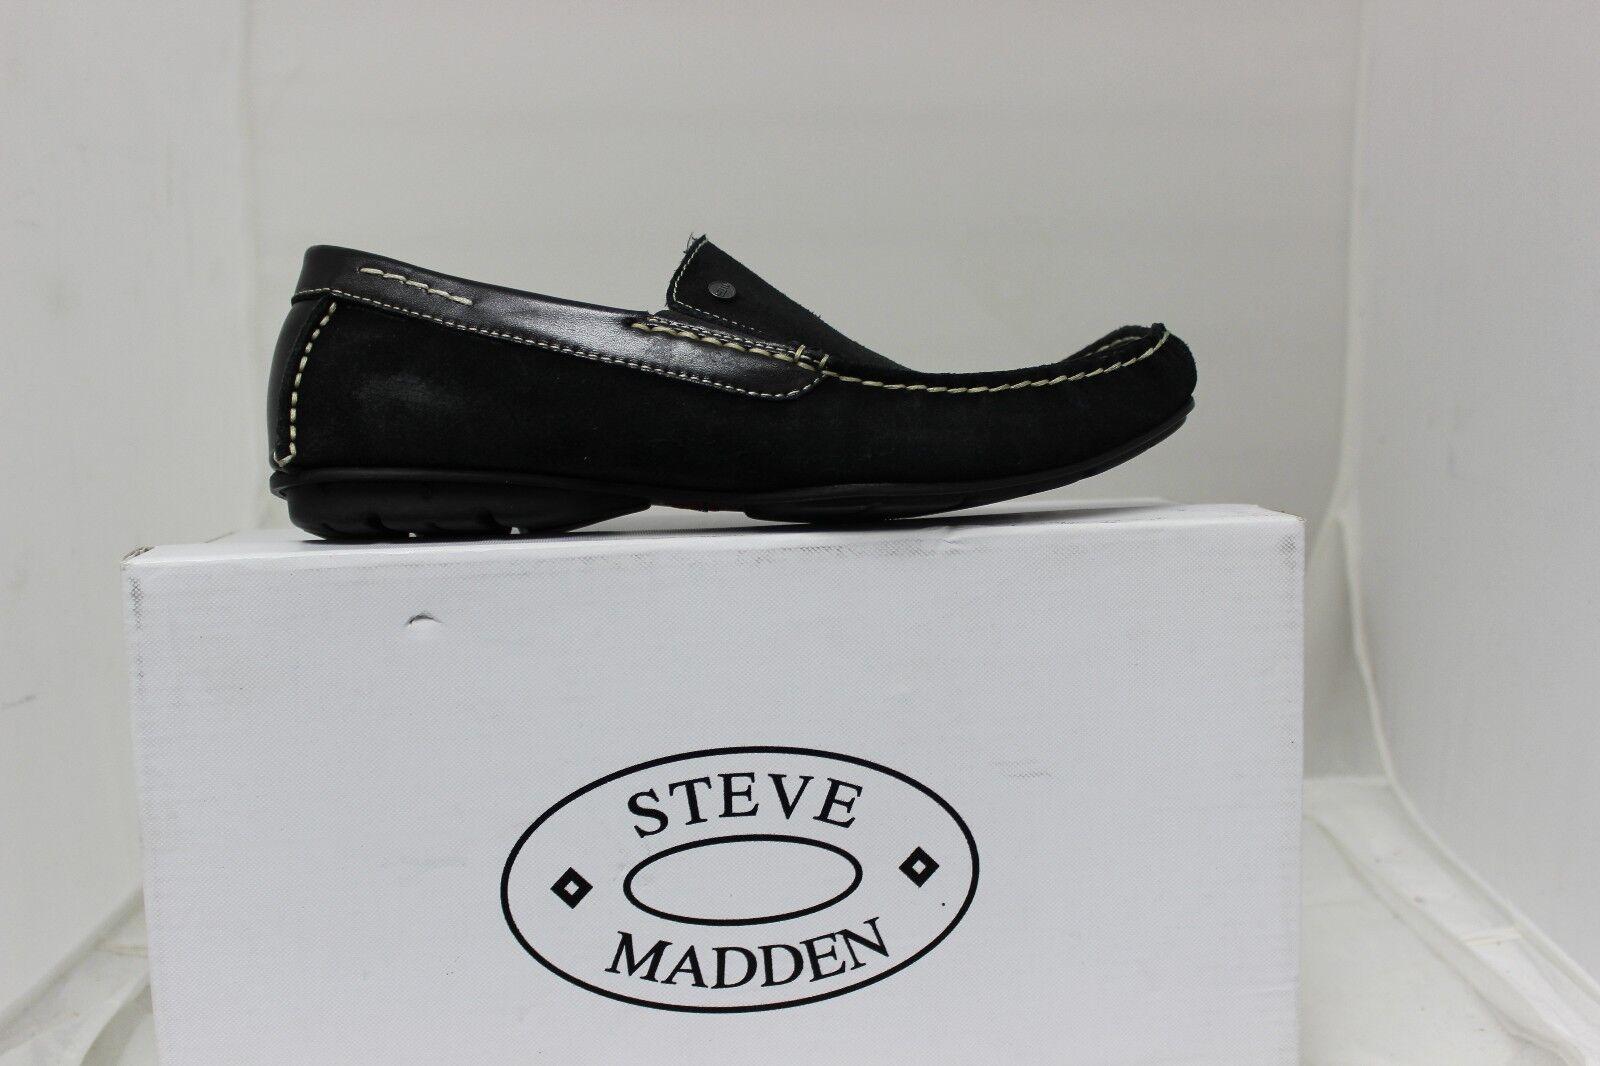 outlet in vendita Uomo Steve Steve Steve Madden P Rileey Nero pelle Nuovo  prezzi all'ingrosso